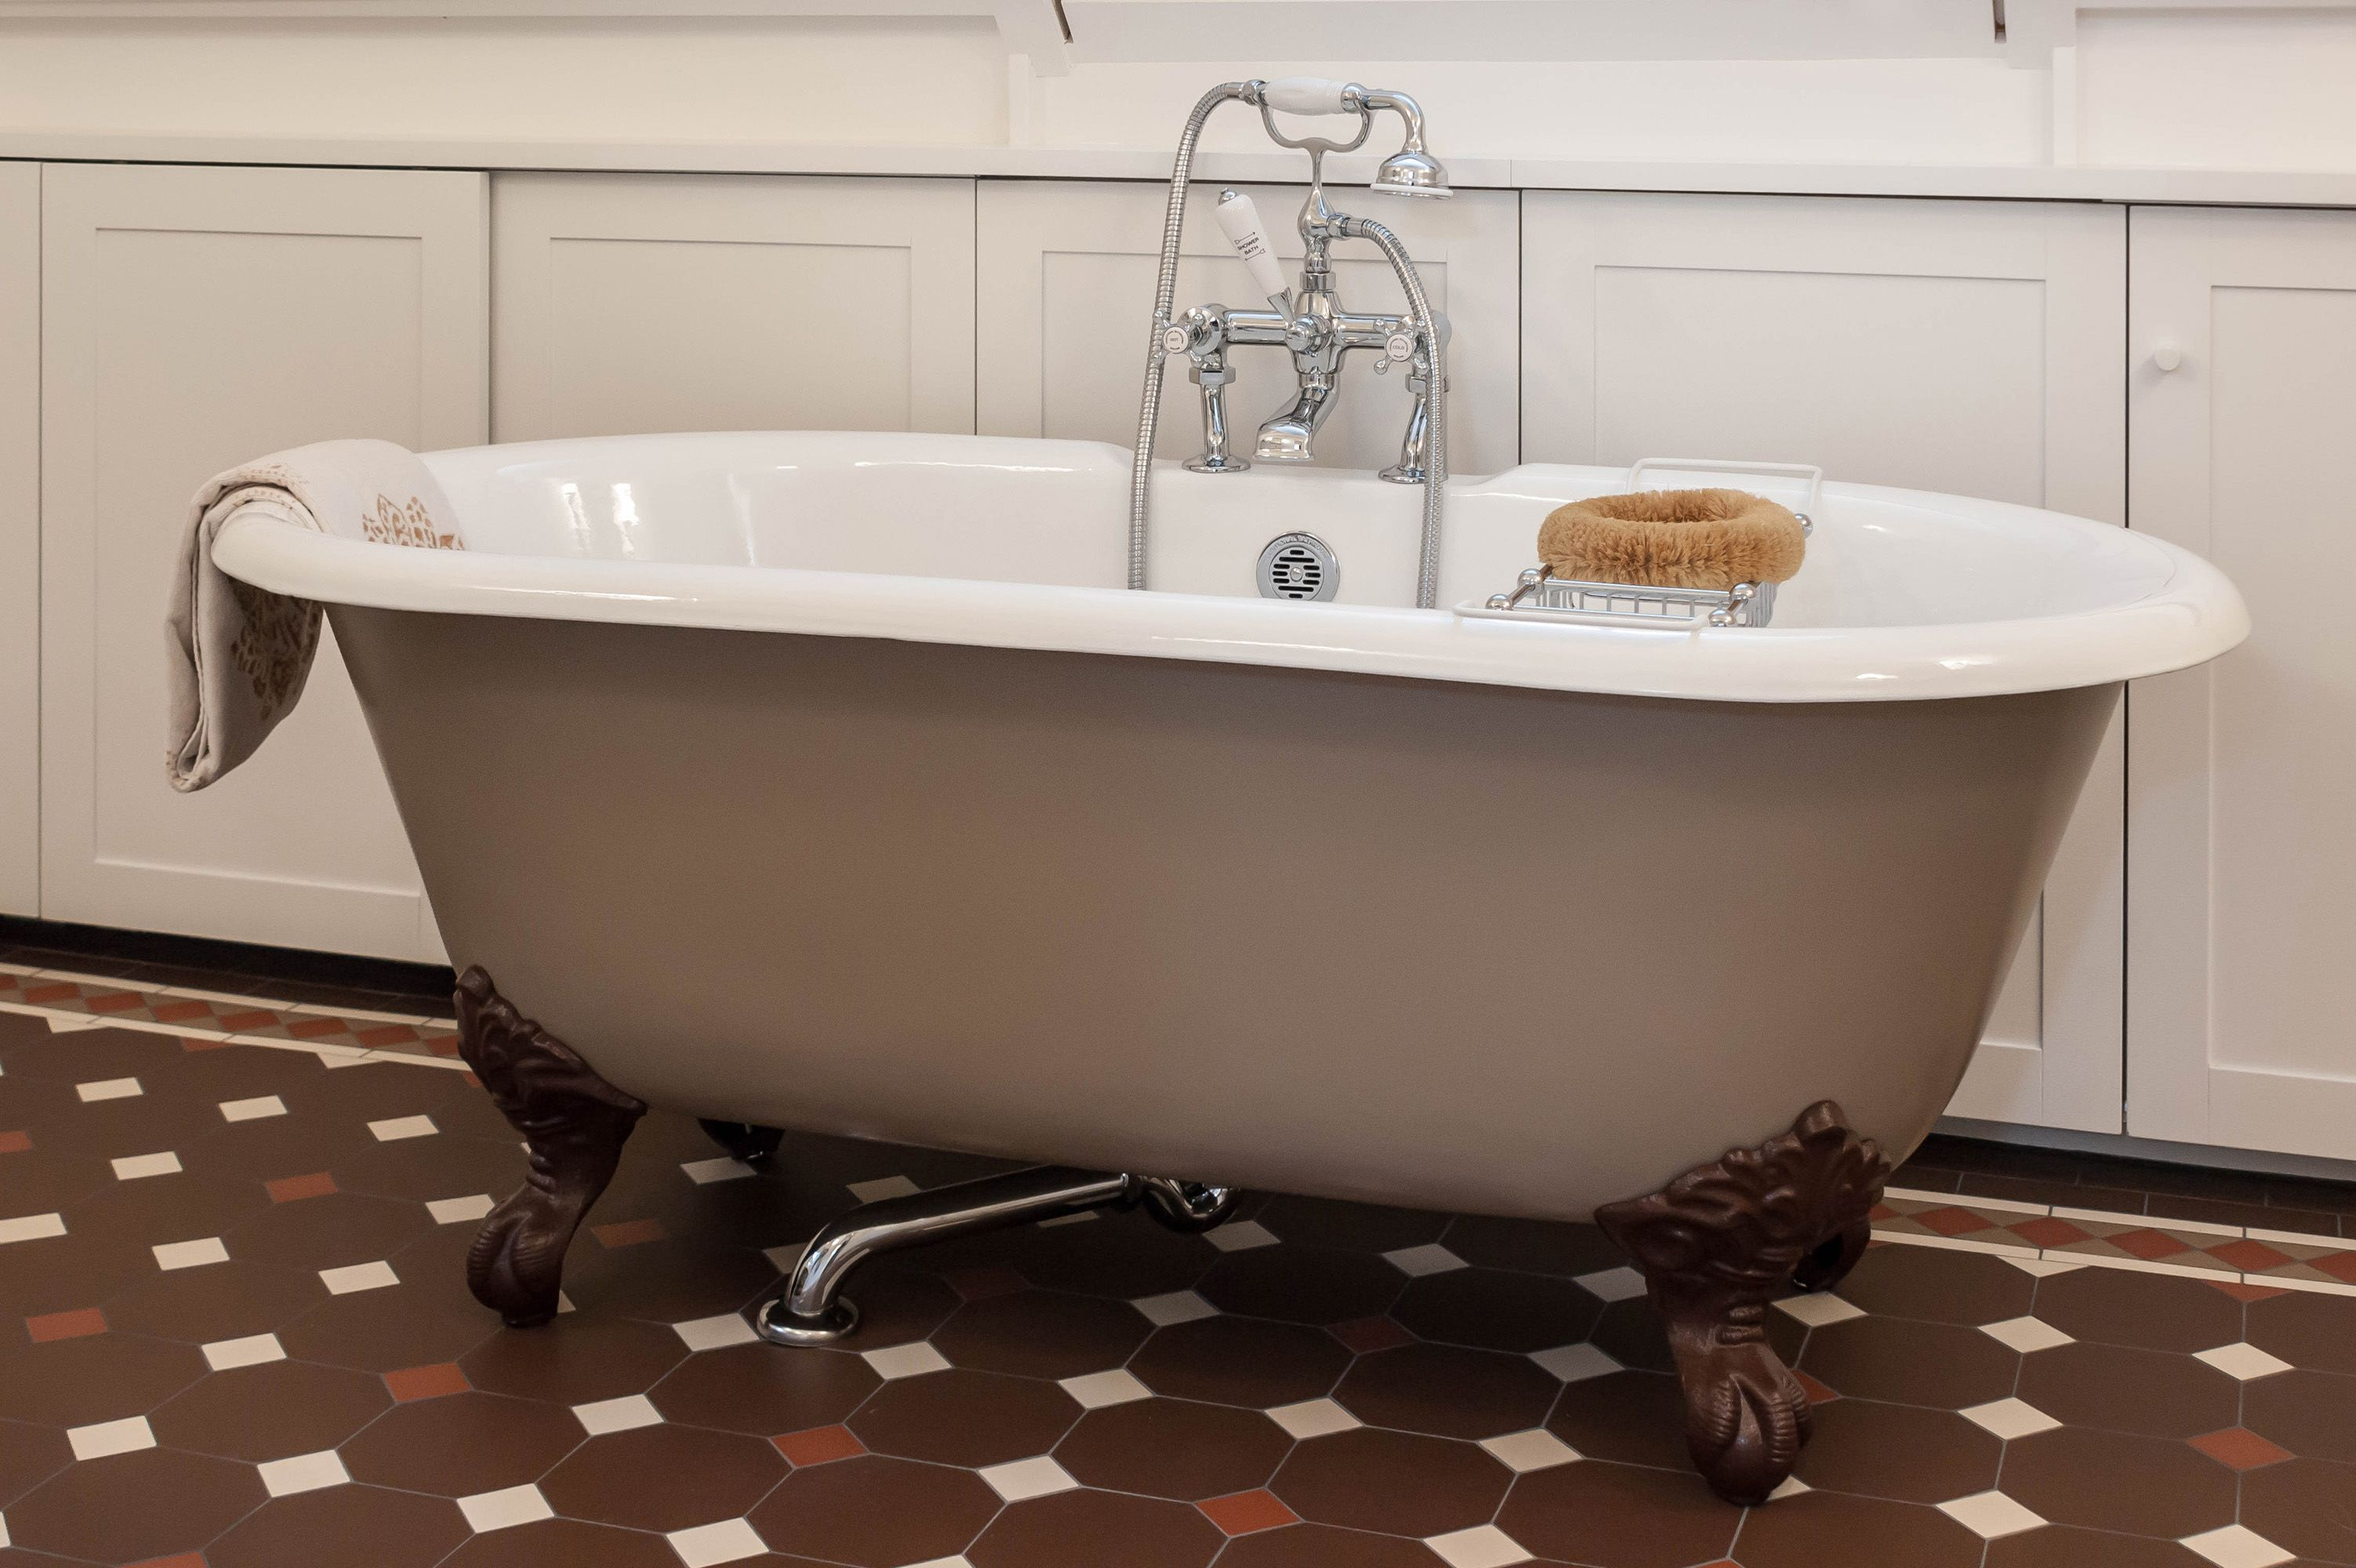 Englische Badewanne Badewanne Traditionelle Bader Gusseisen Badewanne